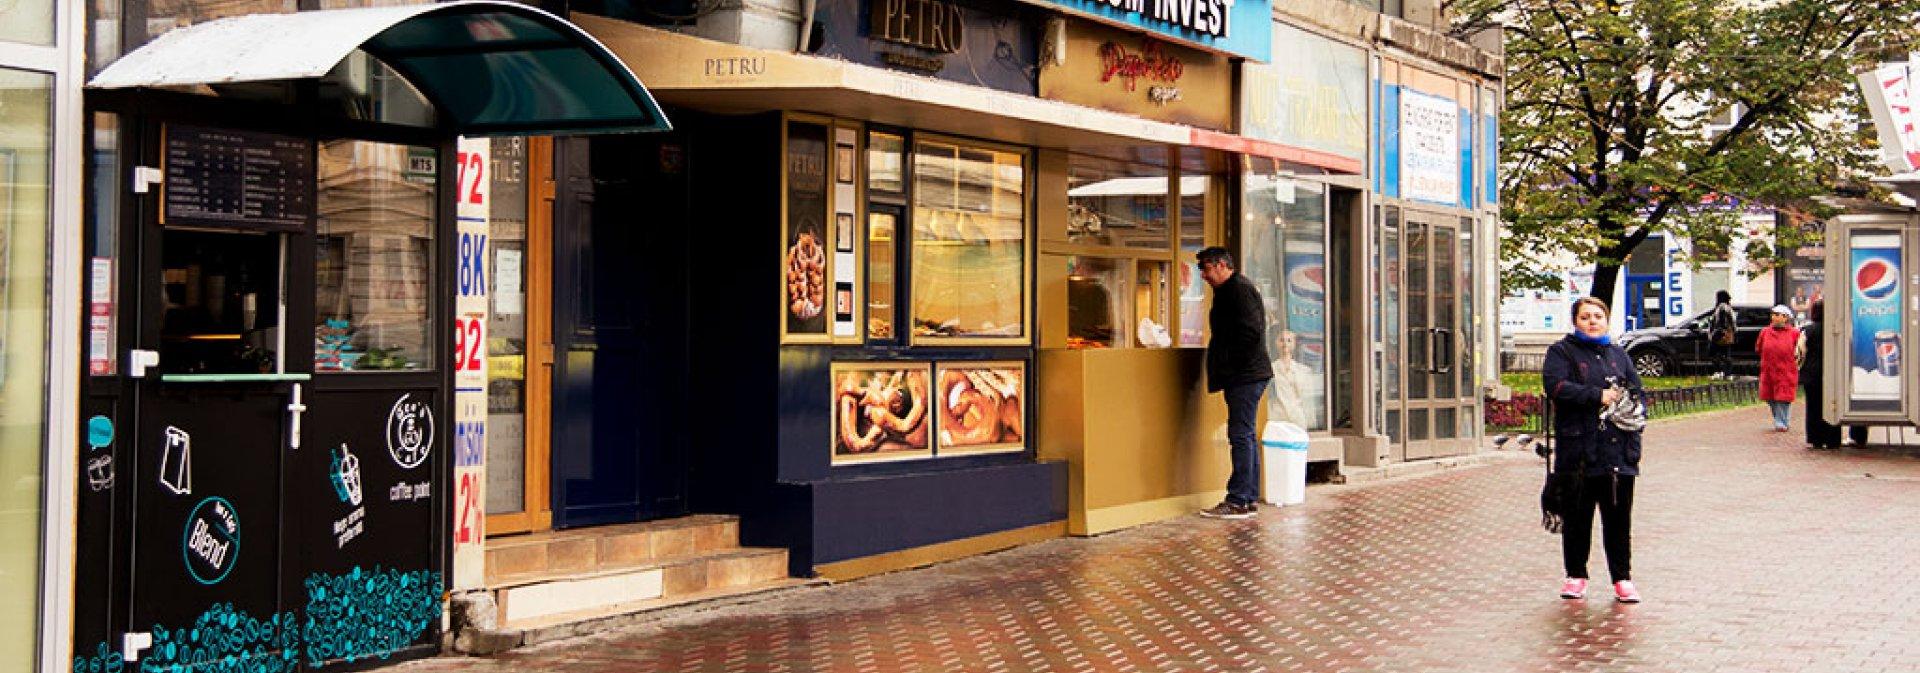 Teo's Café (Piața Unirii), Iași